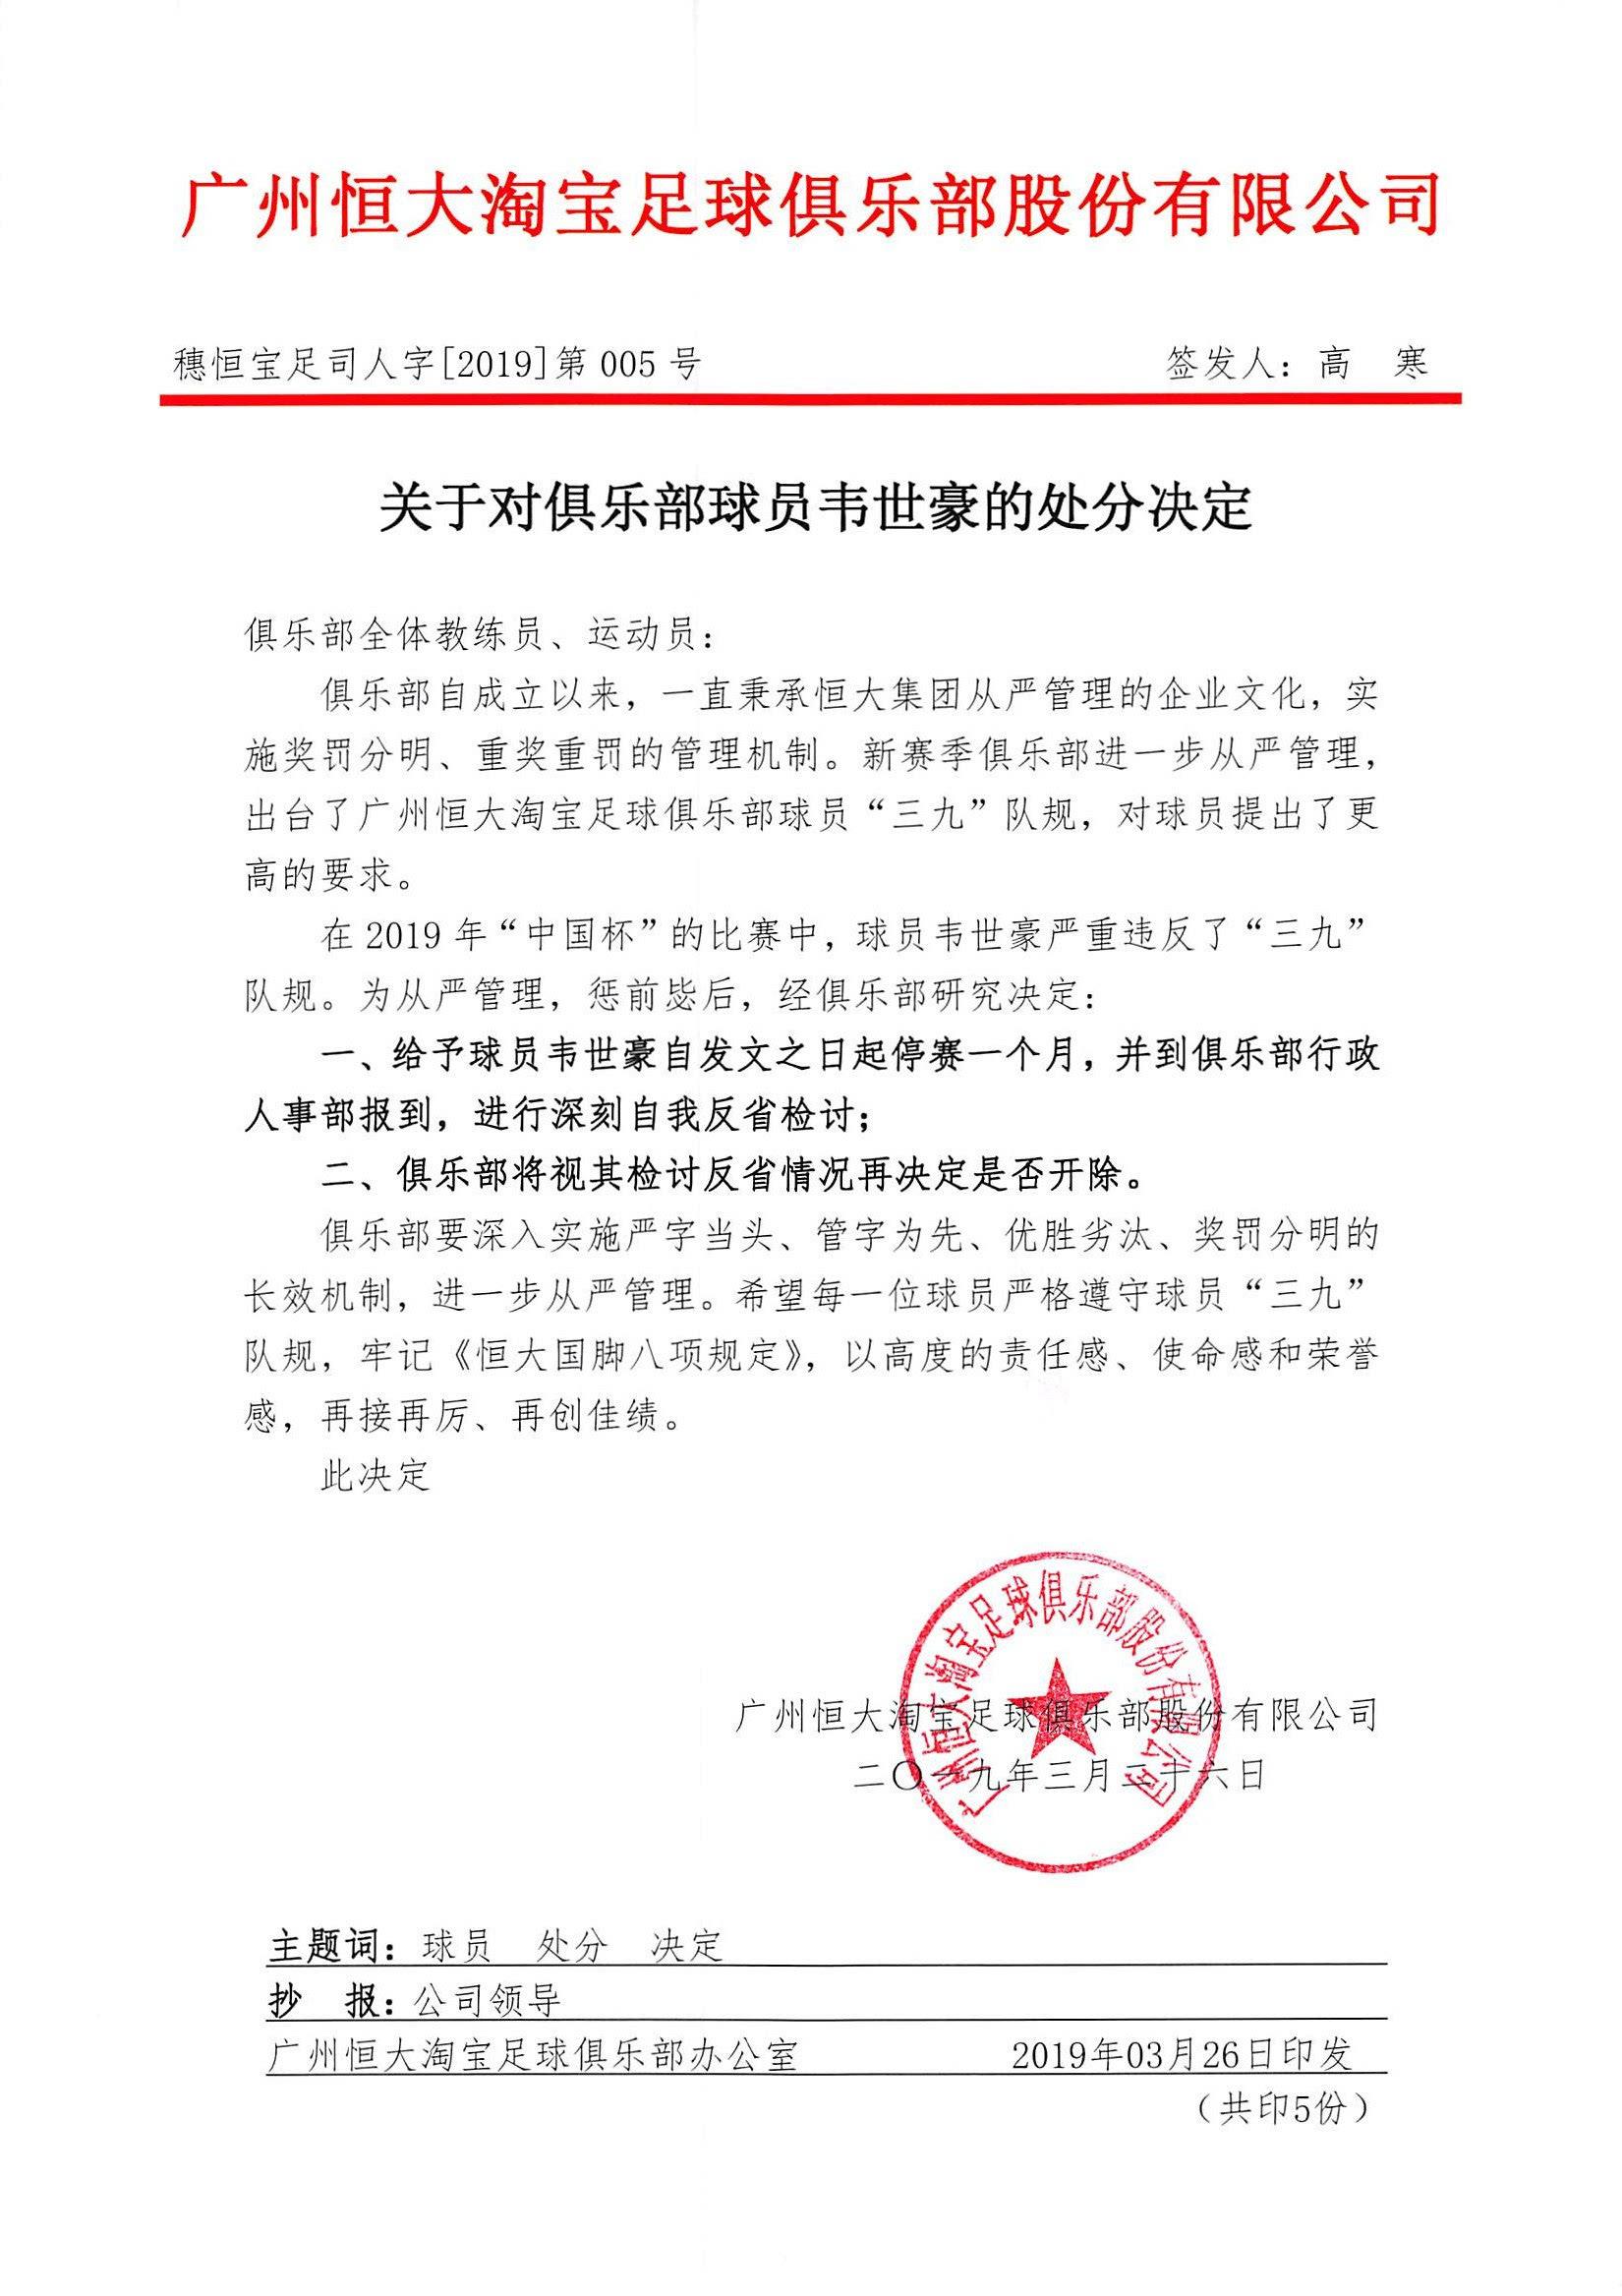 [恒大宣布12人离队]恒大宣布韦世豪停赛1个月 视检讨情况决定是否开除